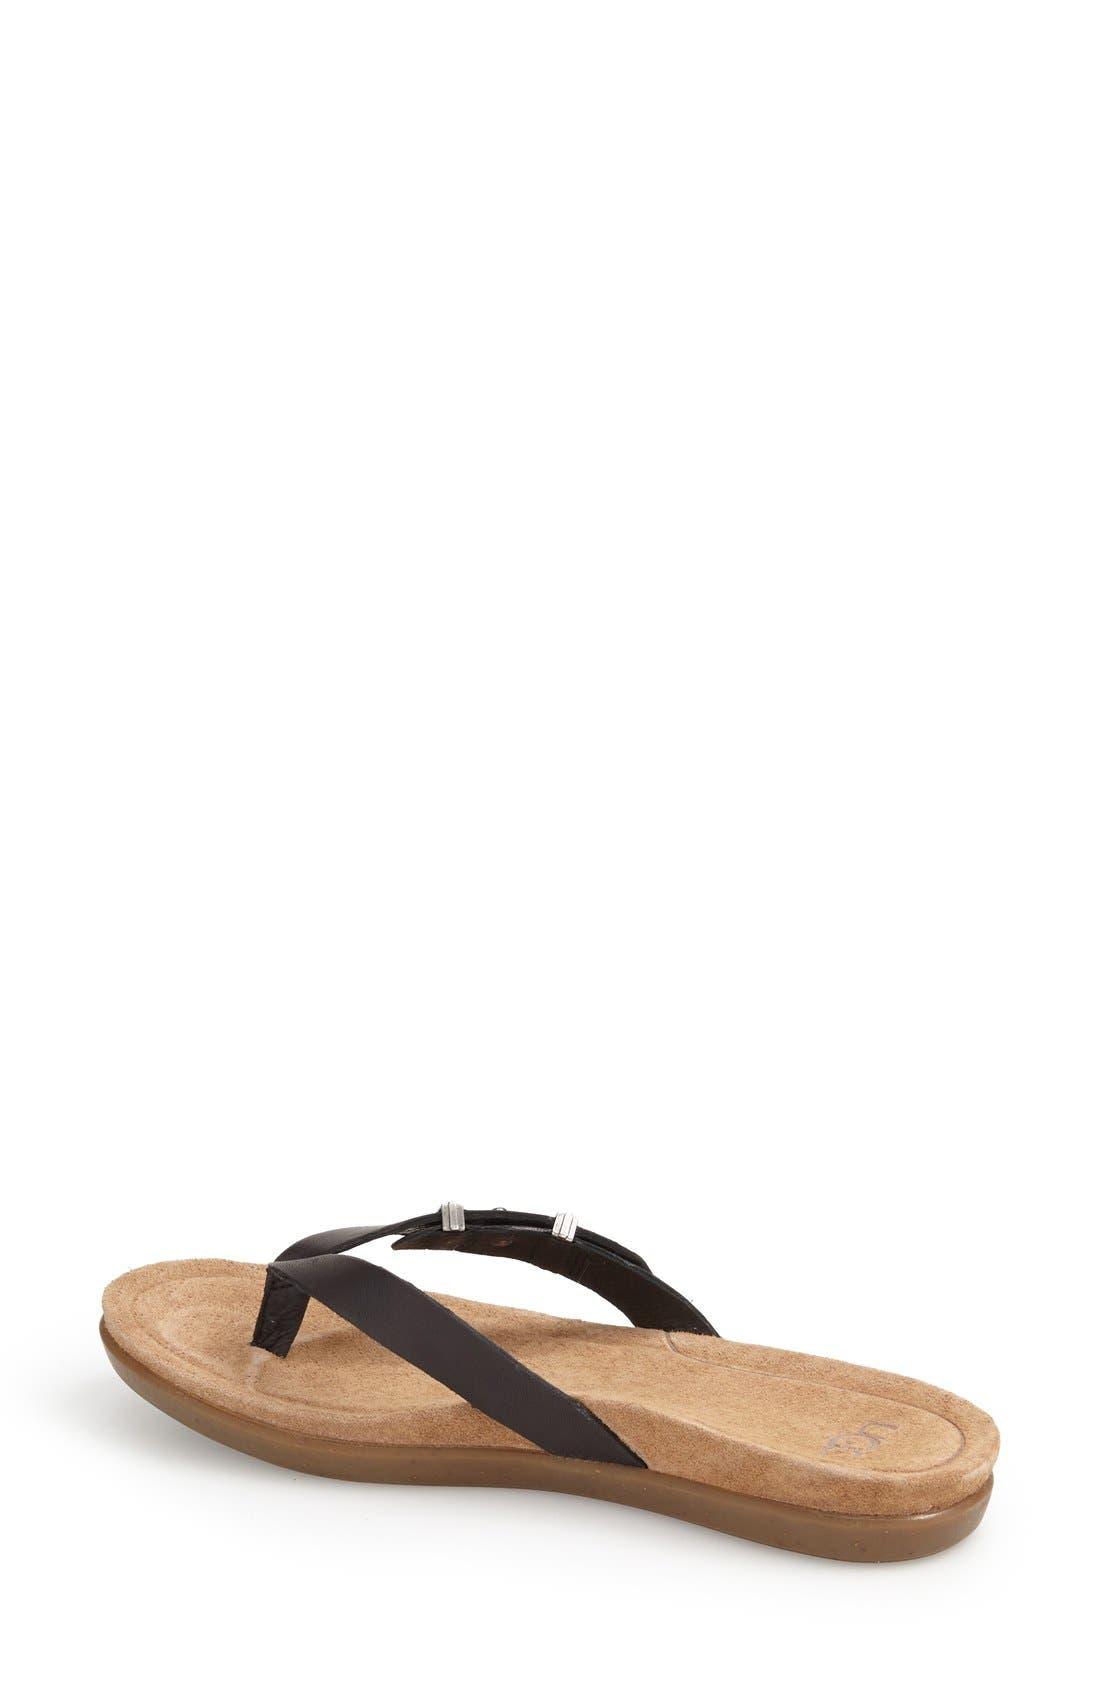 Alternate Image 2  - UGG® 'Sela' Flip Flop (Women)